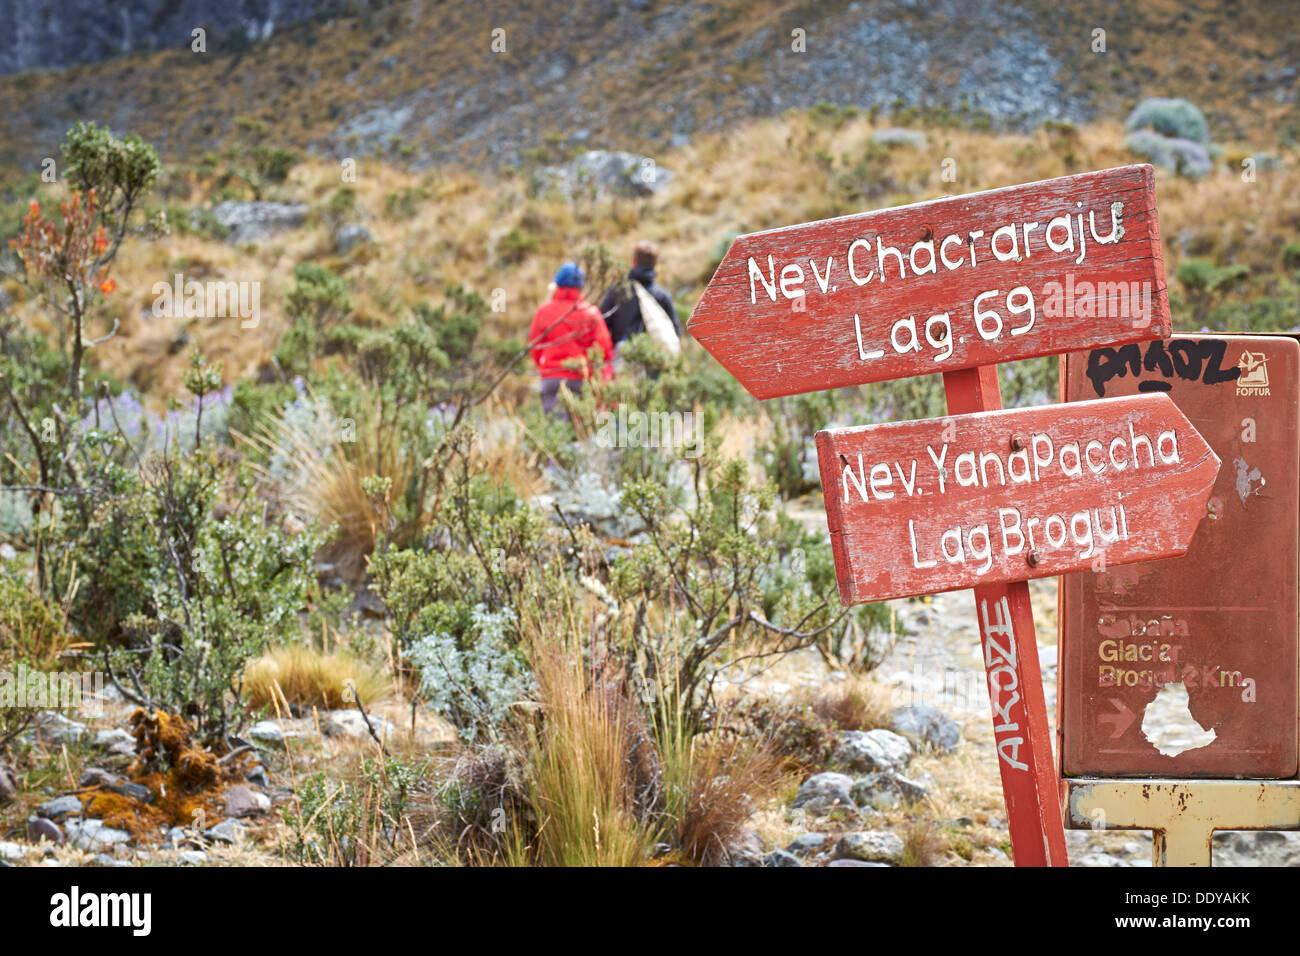 Un couple en train de marcher sur la Laguna 69 trek dans le Parc National Huascarán, Andes péruviennes. Photo Stock